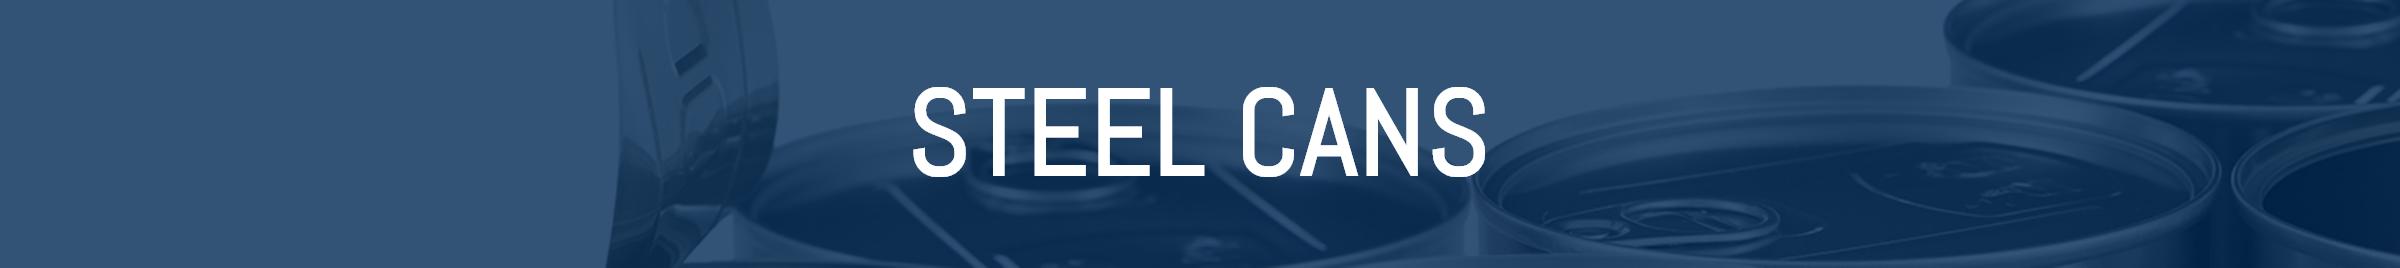 Steel_Can_Packaging_headerimage.png